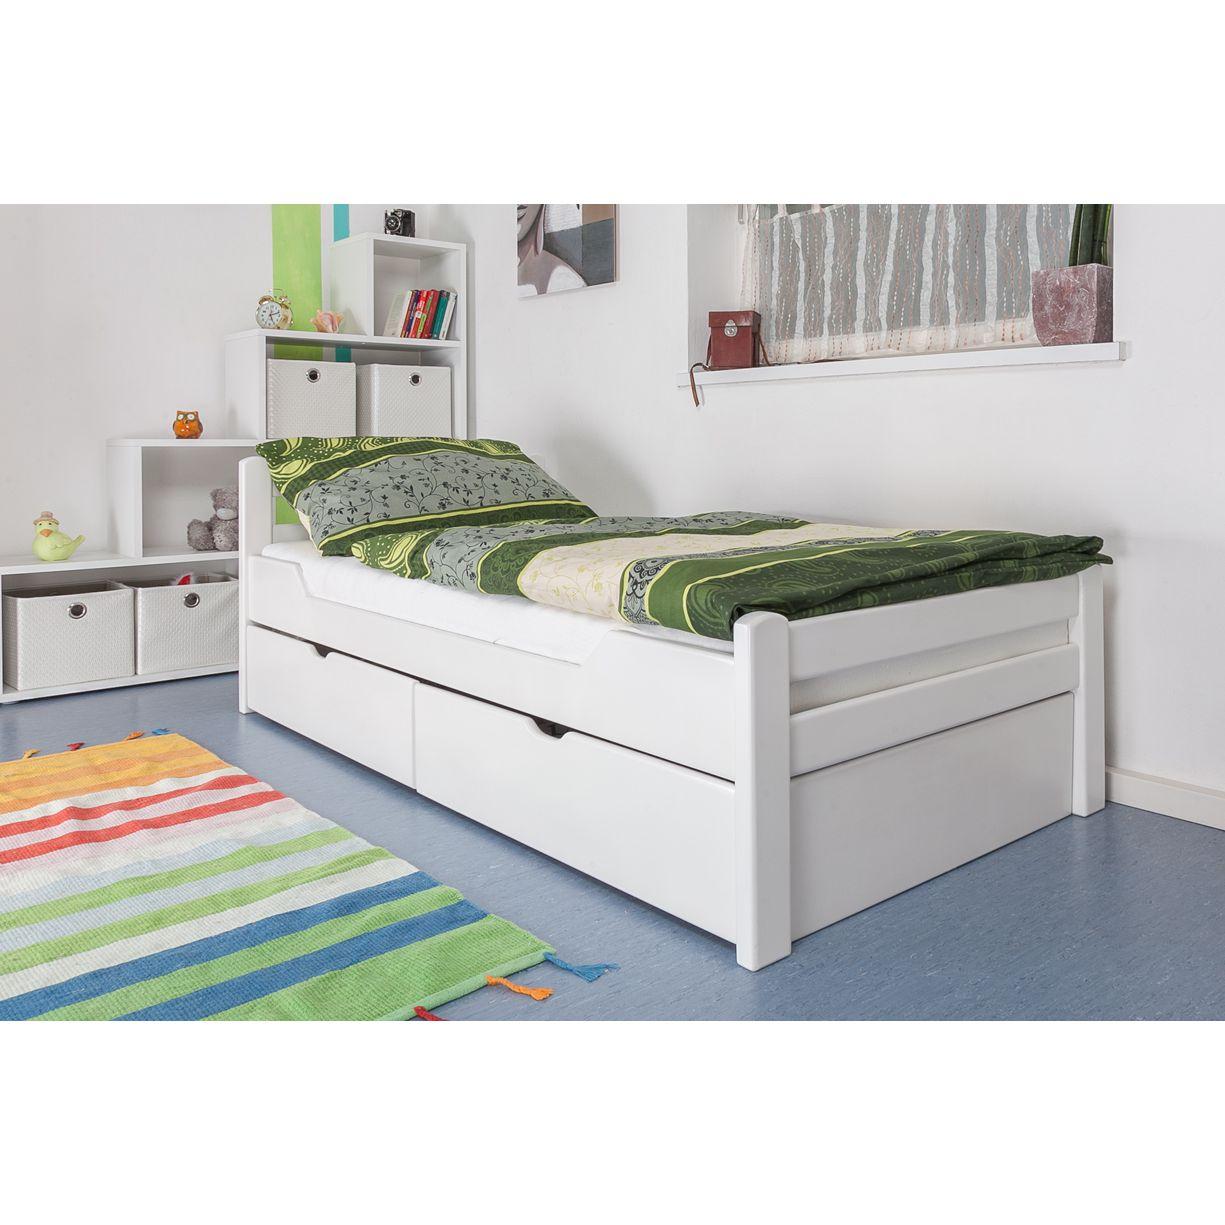 Full Size of Betten 90x200 Bett Hasena Boxspring Balinesische Mannheim Meise Oschmann Hohe 180x200 Luxus Weiße Coole Wohnwert Günstig Kaufen Ottoversand Schlafzimmer Bett Betten 90x200